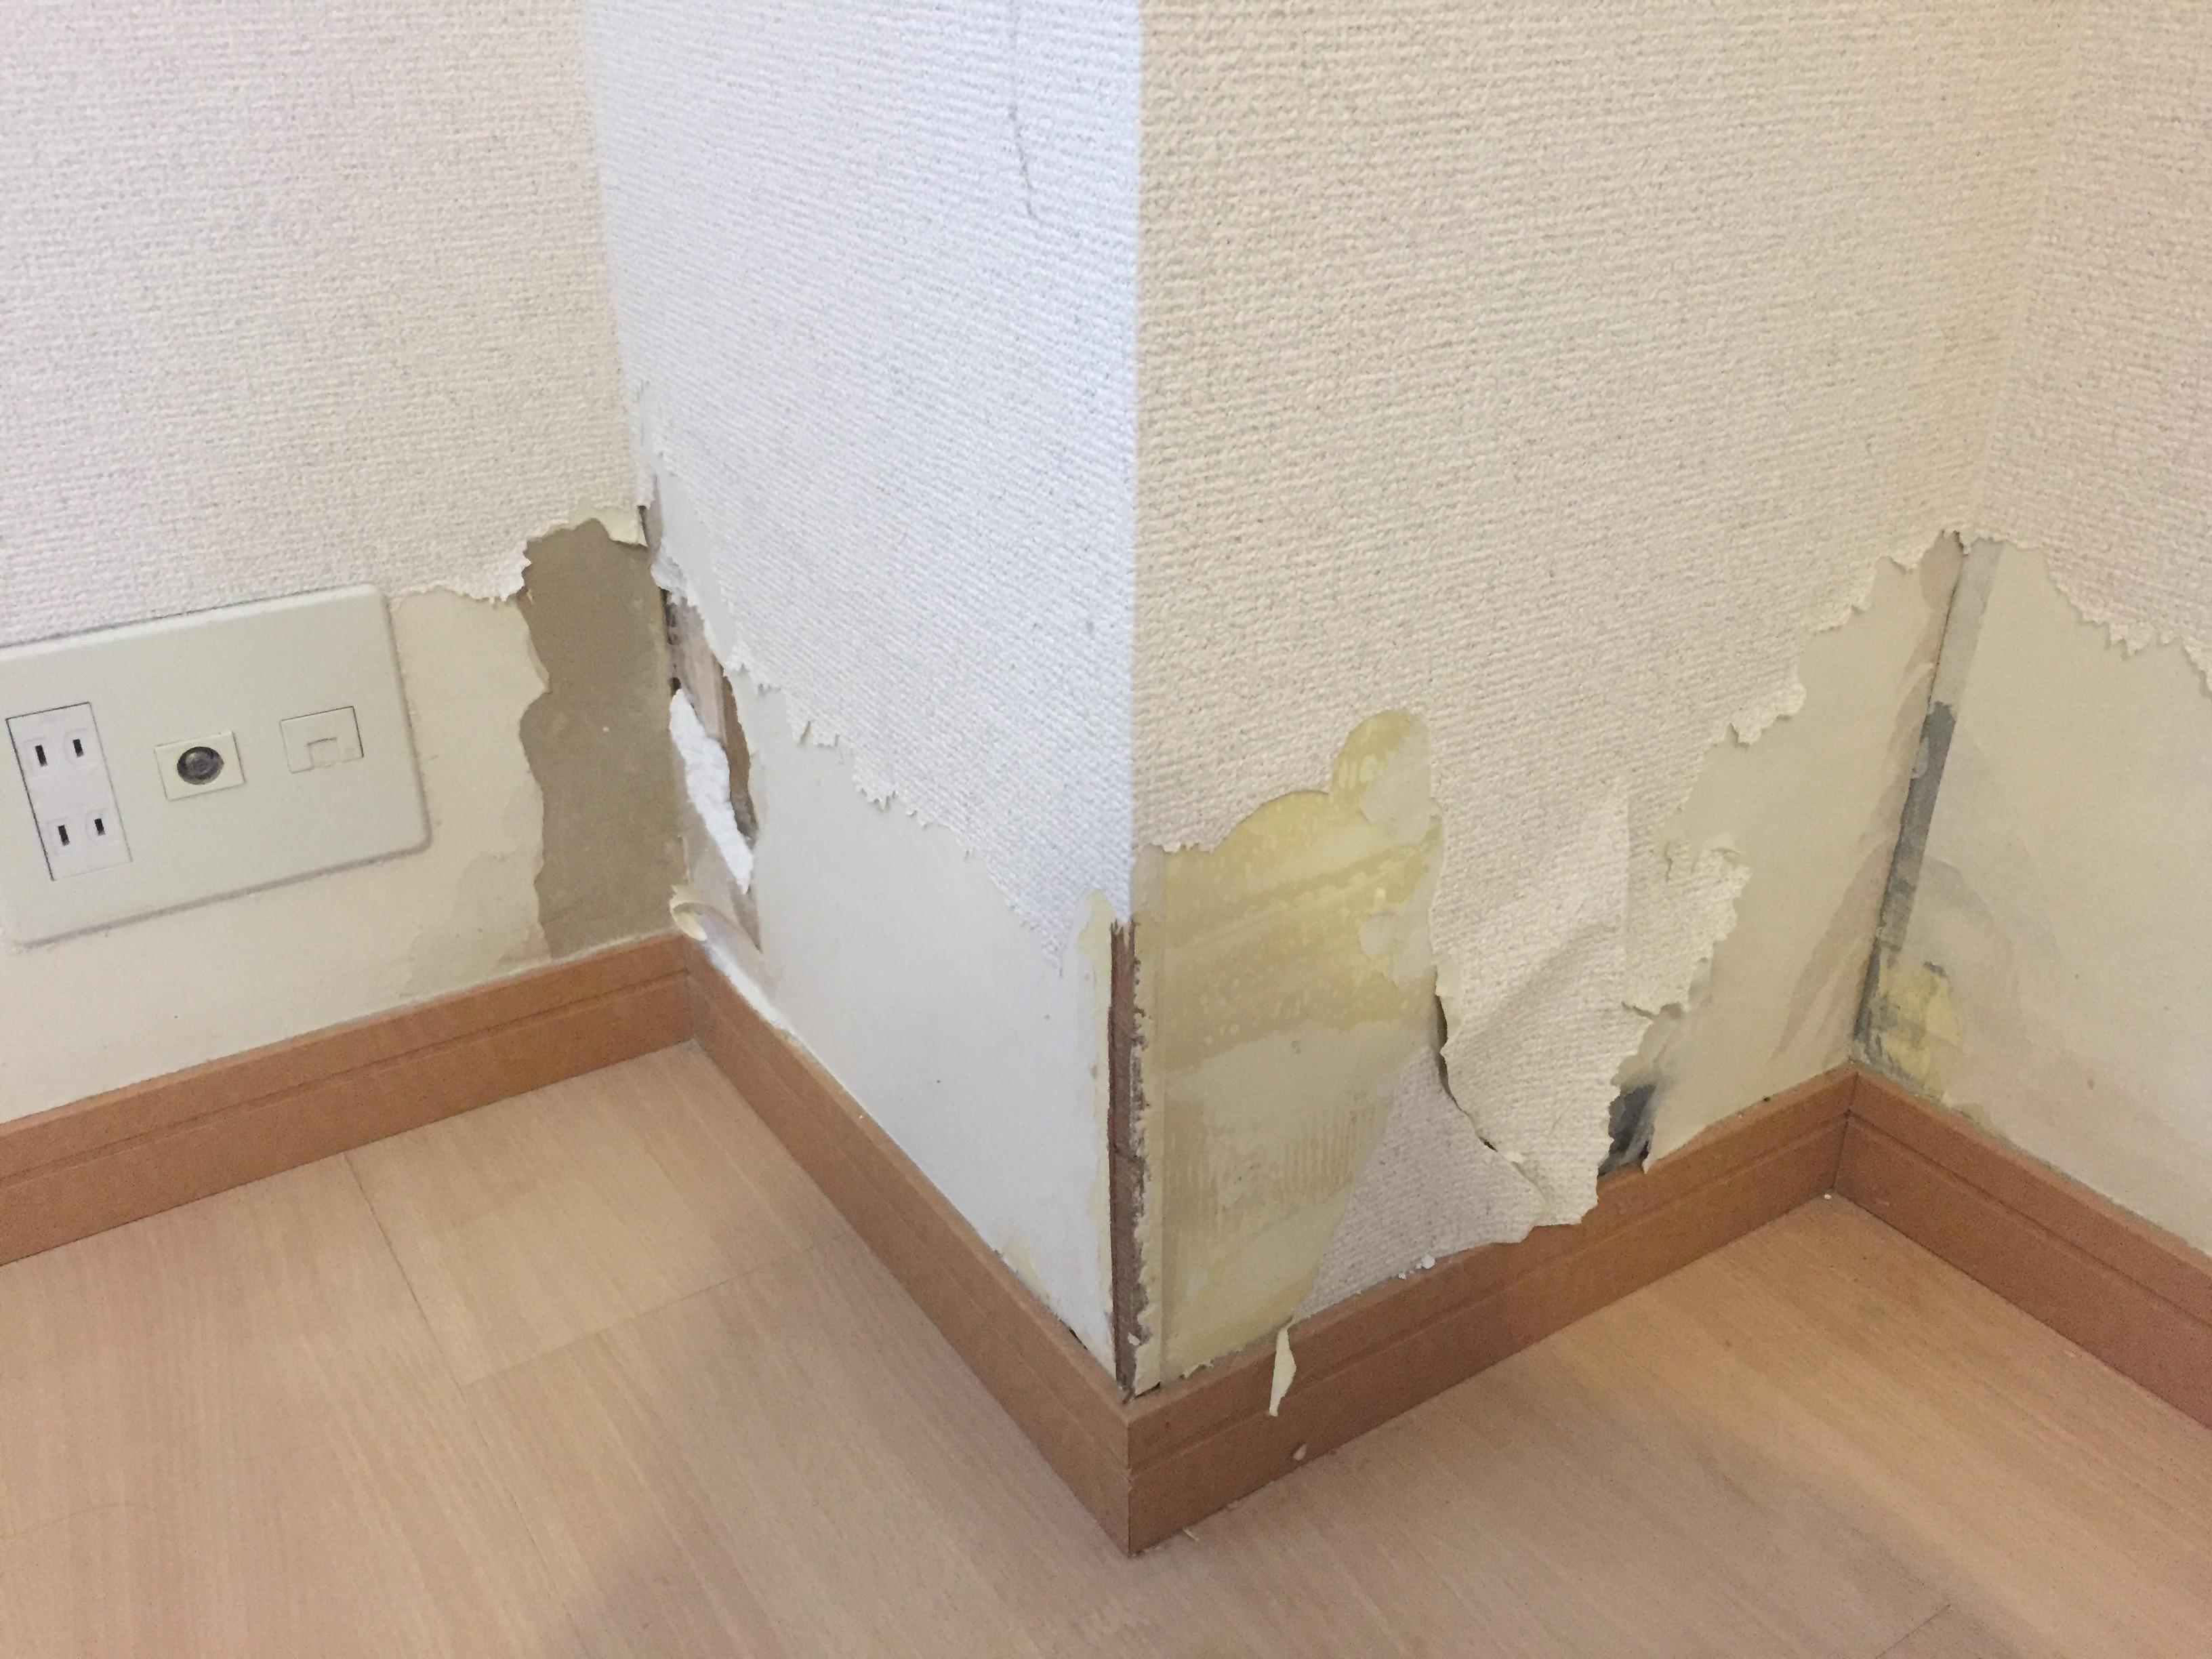 ネズミ 壁穴 補修